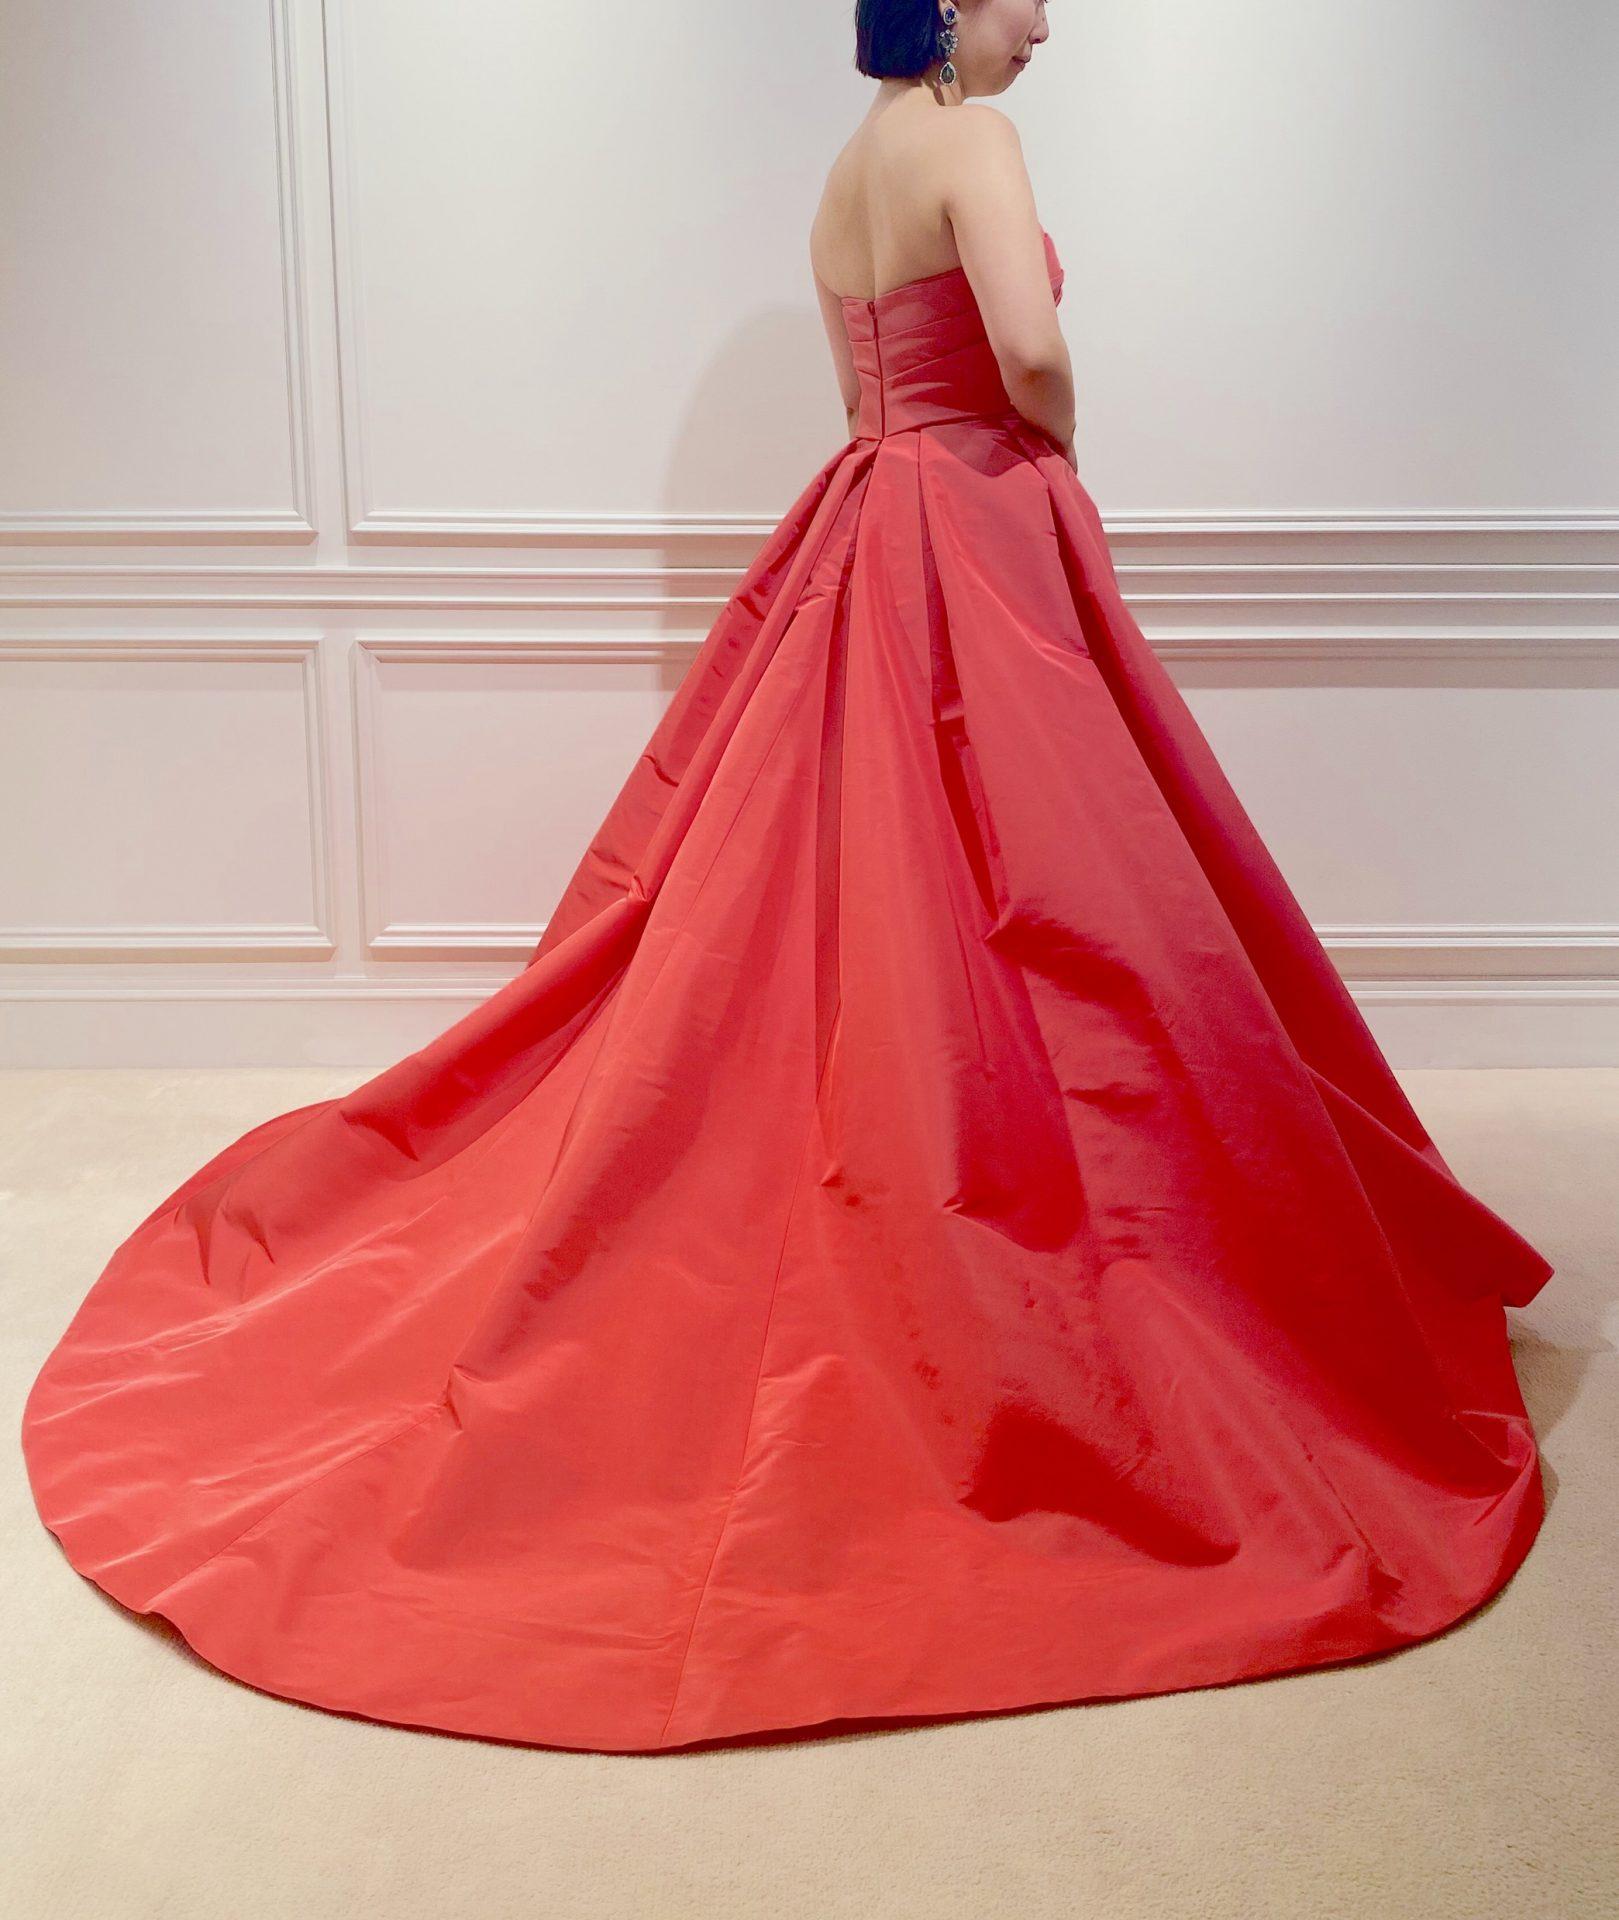 フォーチュンガーデン京都でお式を挙げられるお客様に提案したいポピーレッドのトレーンが長い360度華やかなカラードレス